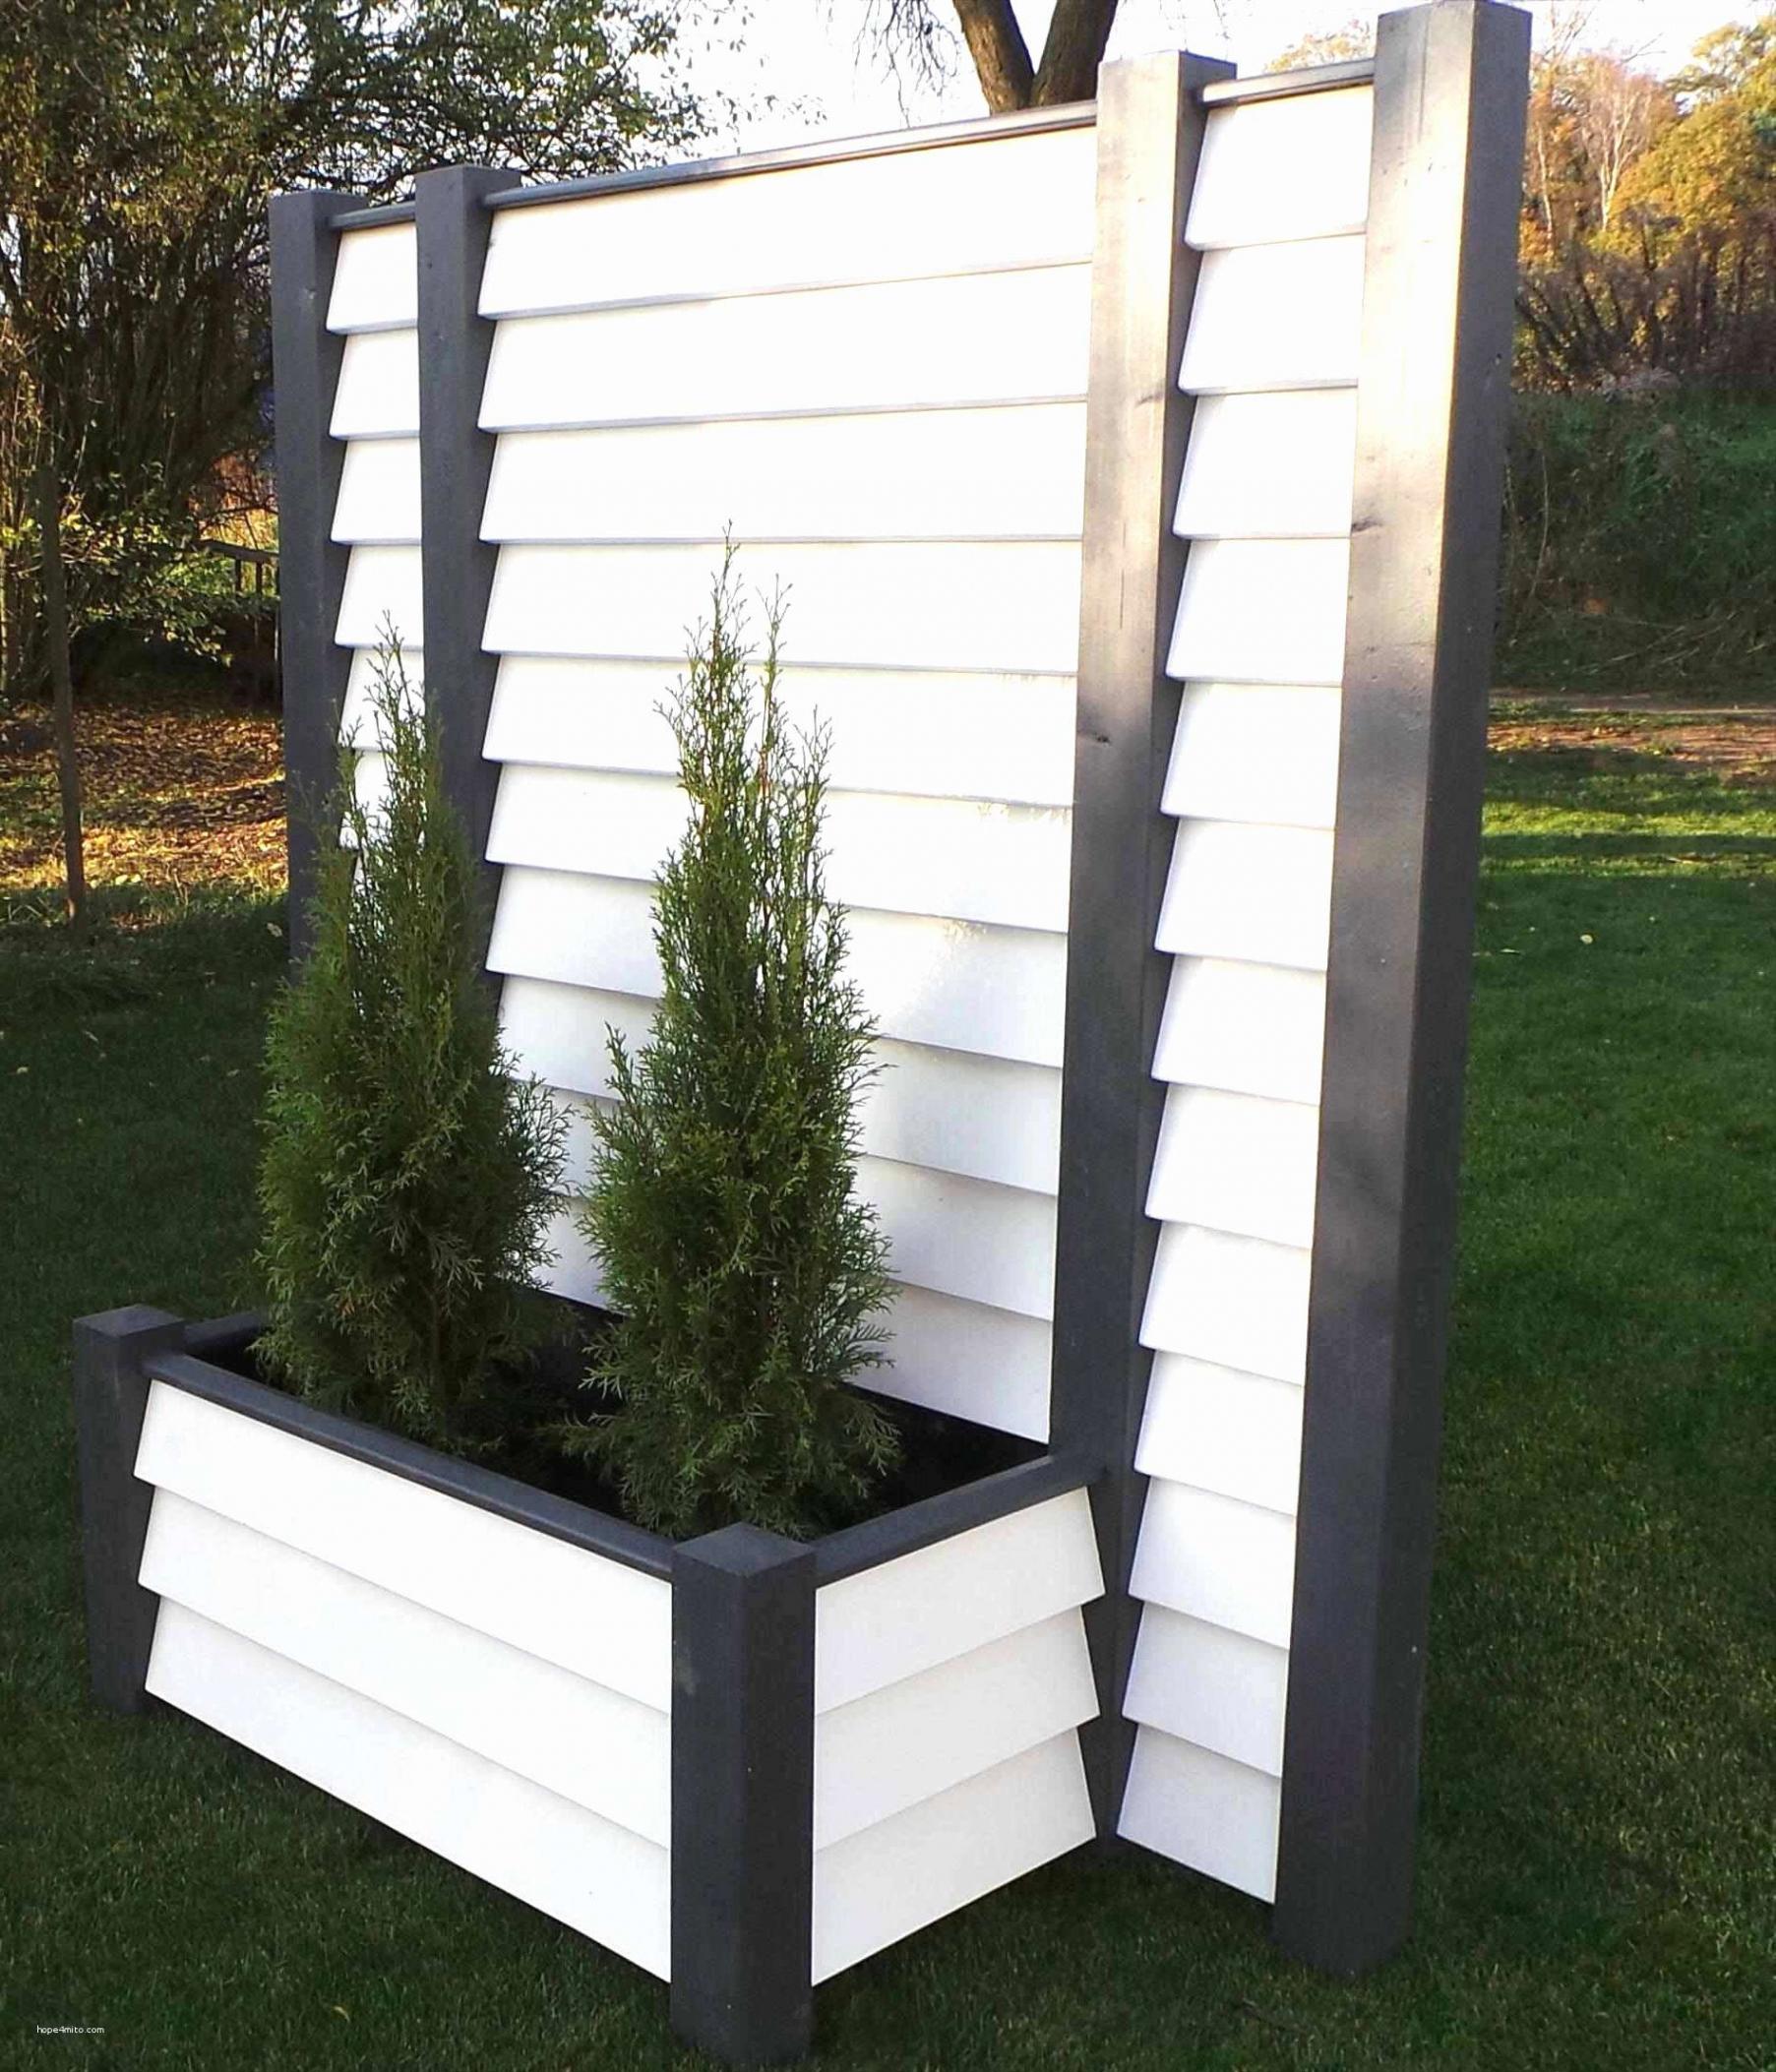 30 einzigartig terrassengestaltung sichtschutz pflanzen garten pflanzen sichtschutz garten pflanzen sichtschutz